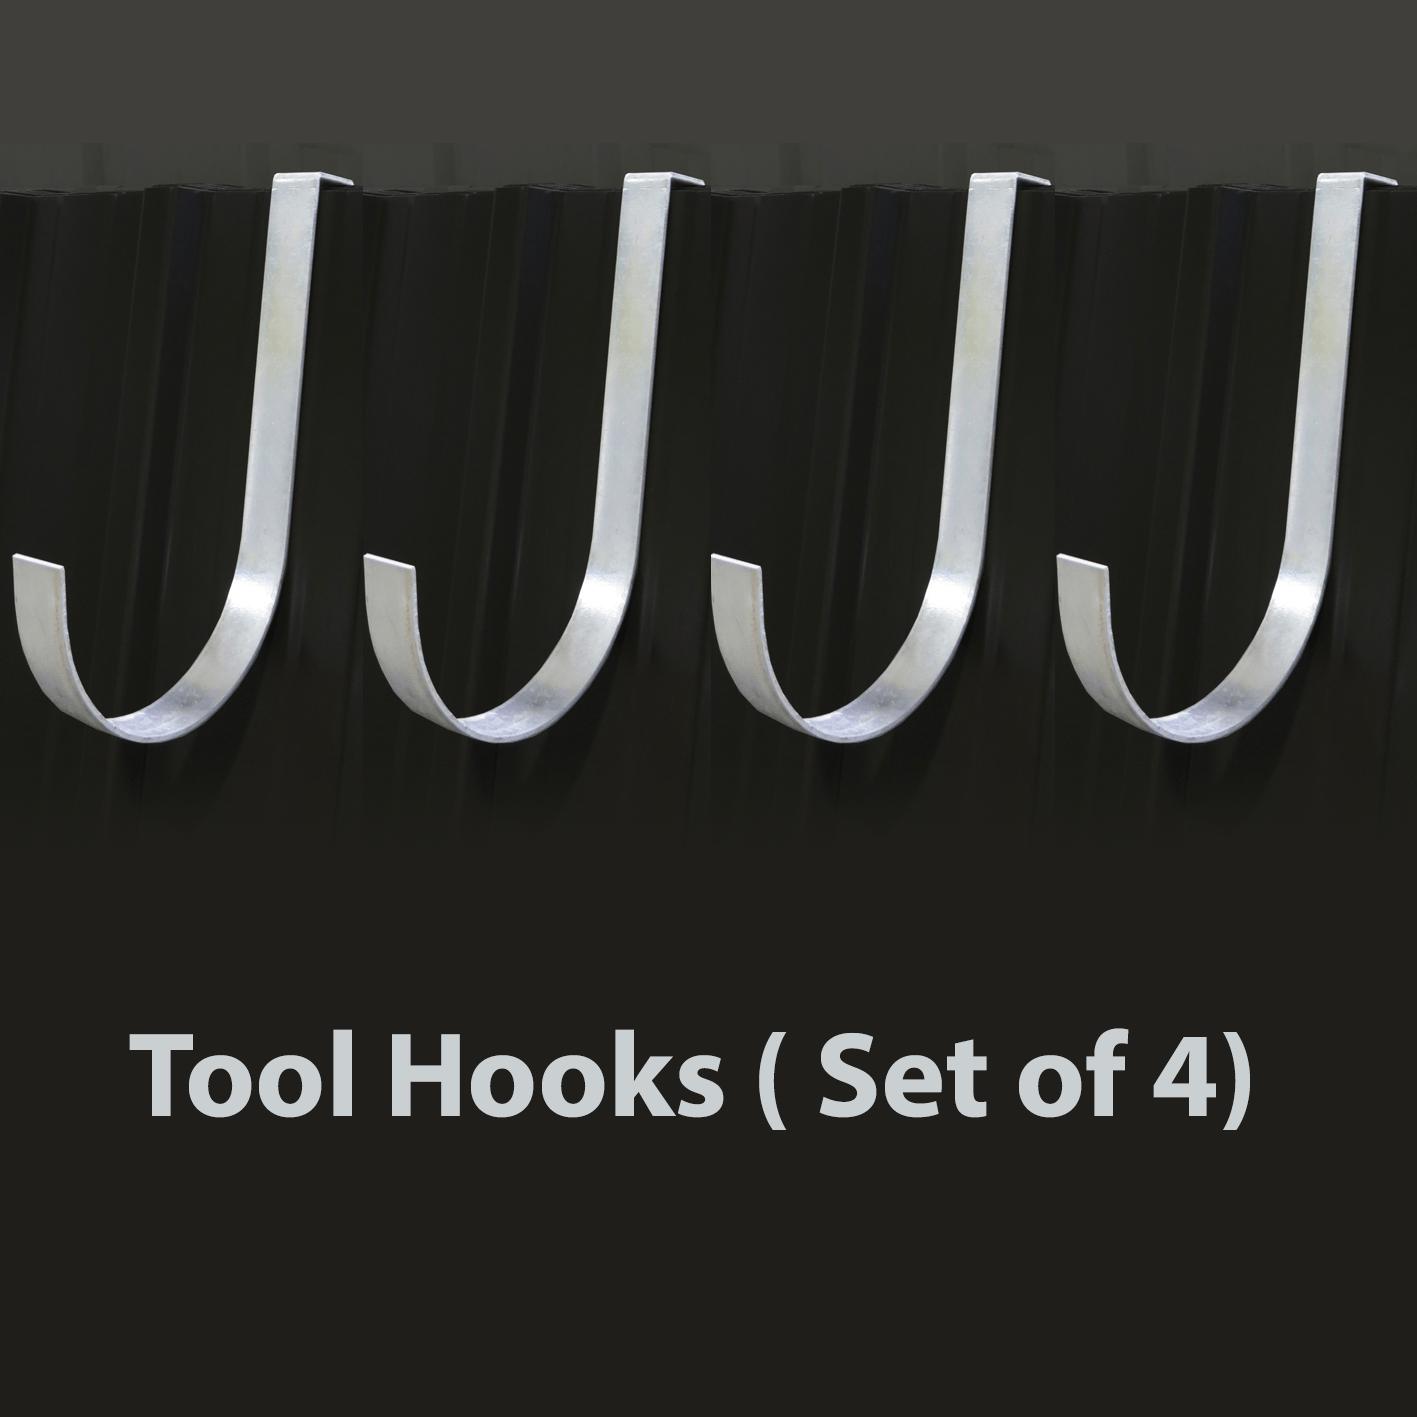 Tool Hooks ( Set of 4)